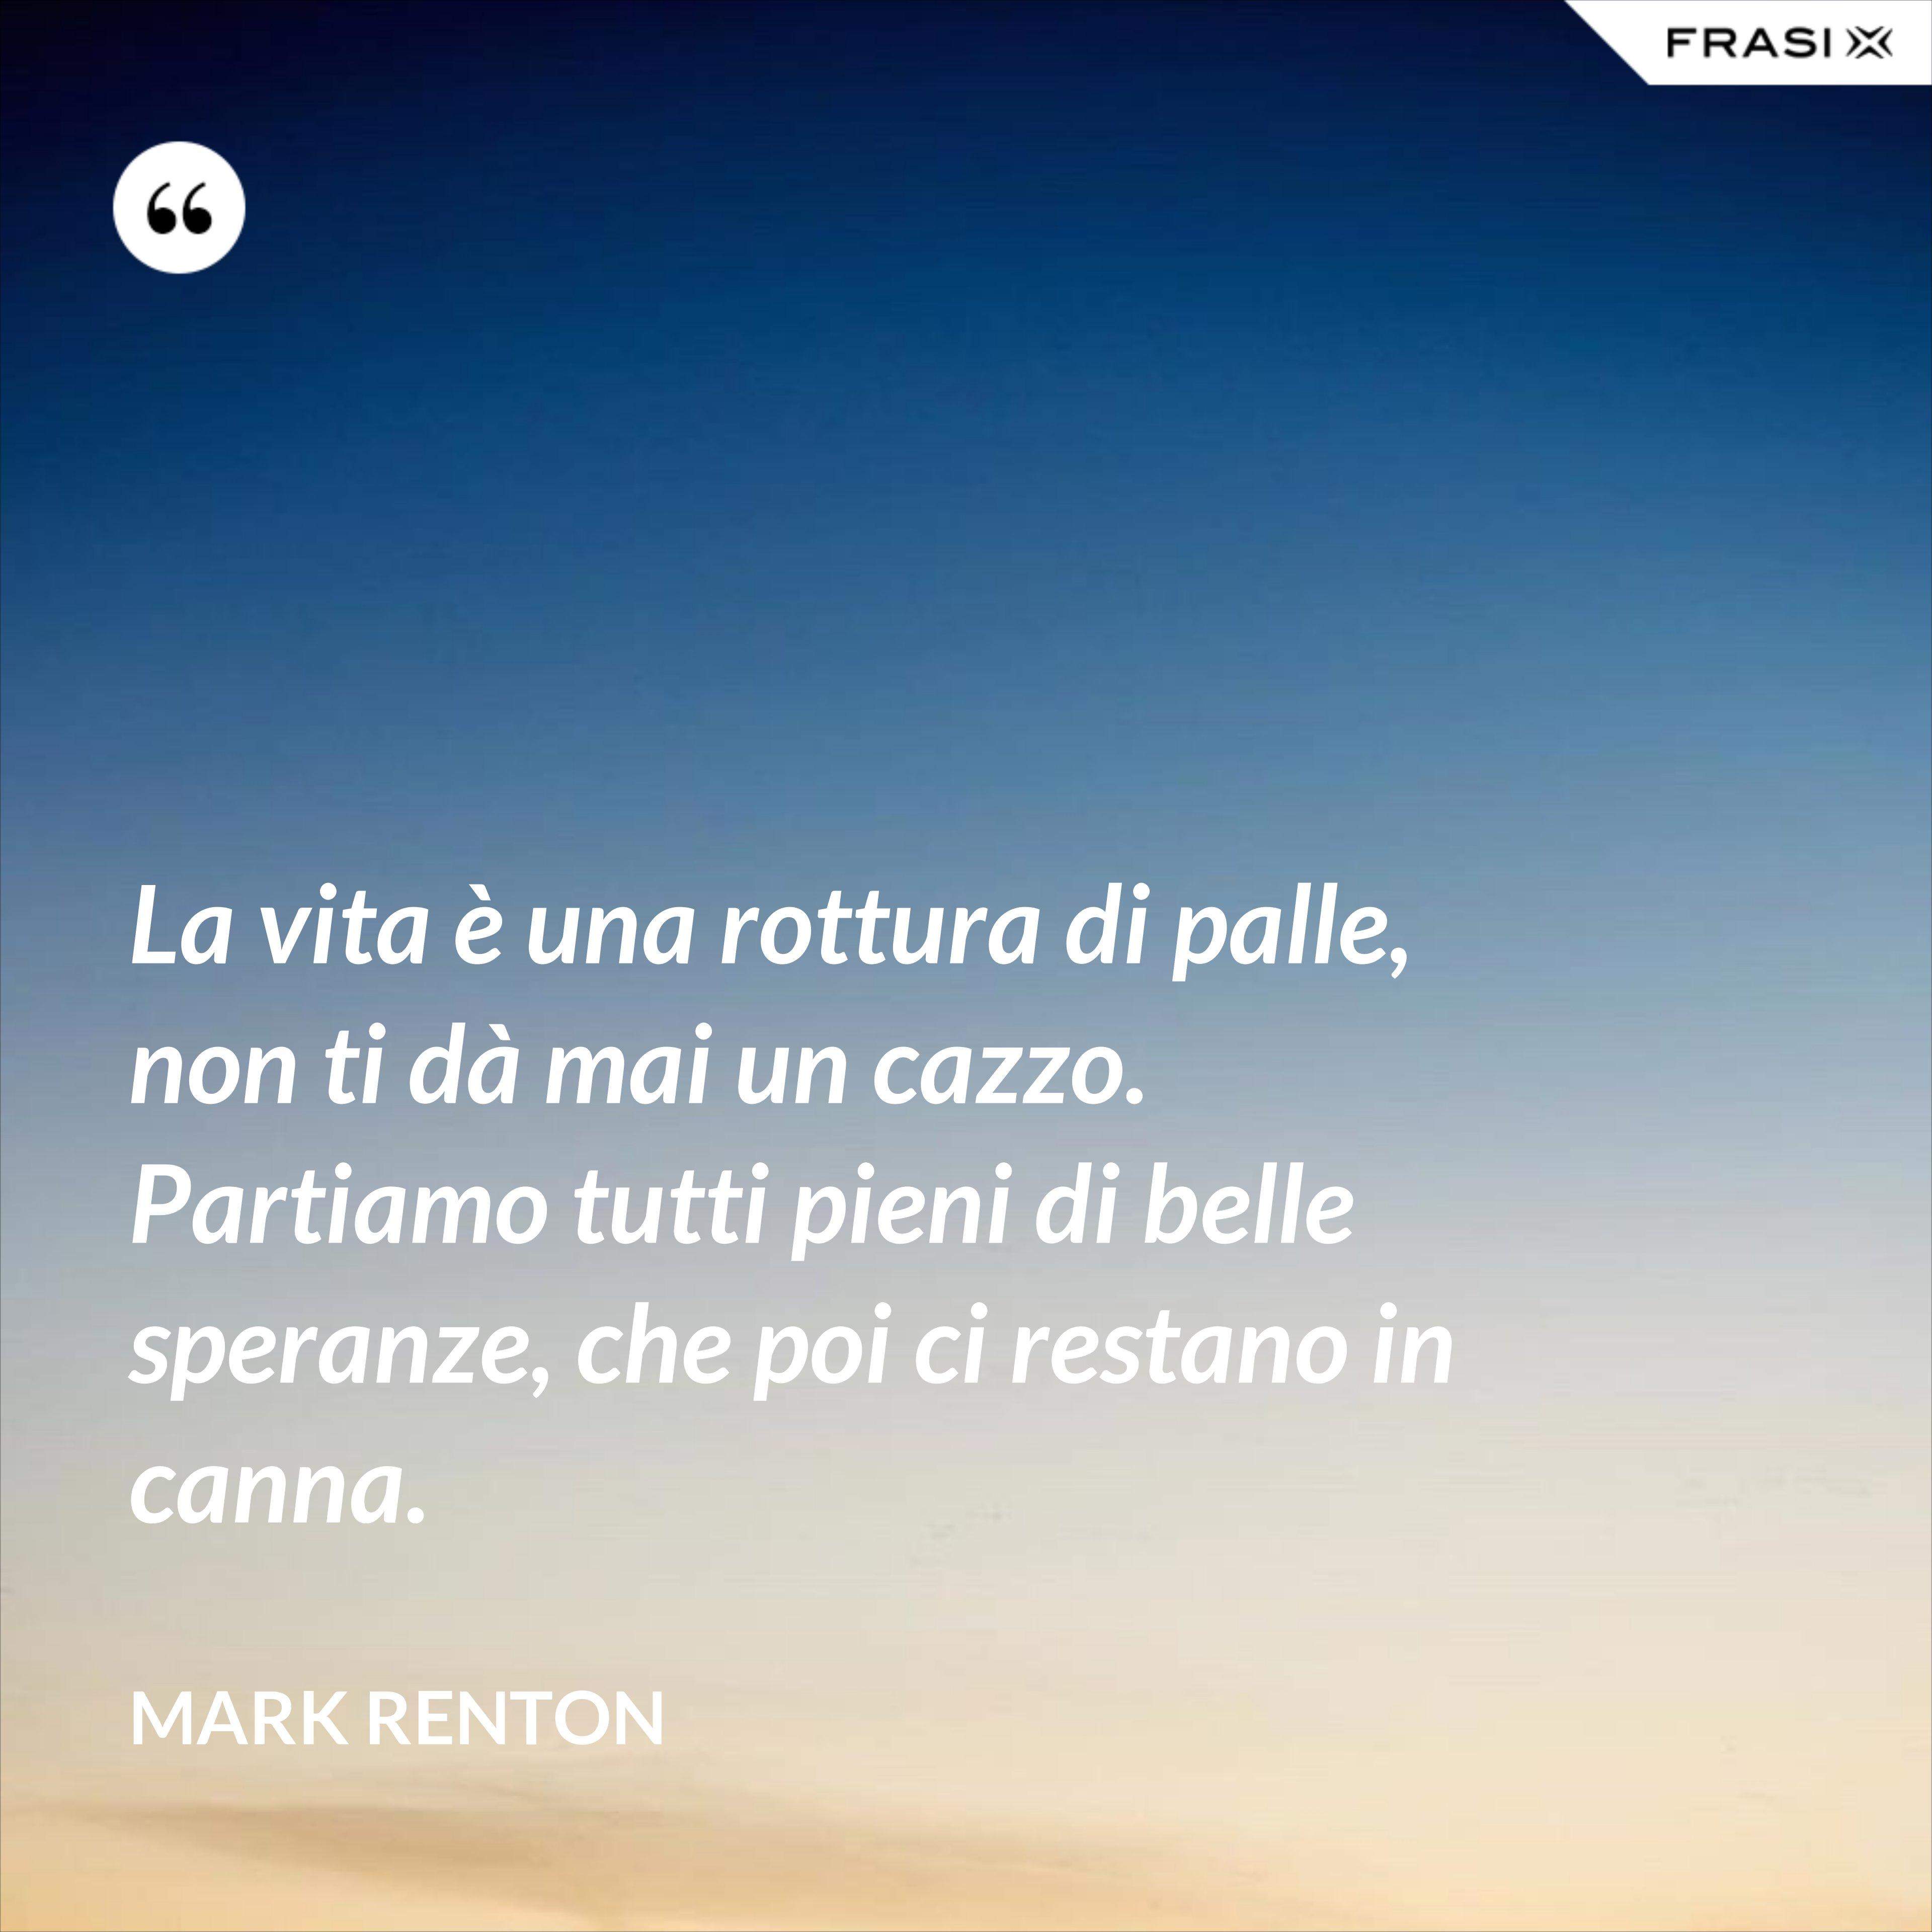 La vita è una rottura di palle, non ti dà mai un cazzo. Partiamo tutti pieni di belle speranze, che poi ci restano in canna. - Mark Renton